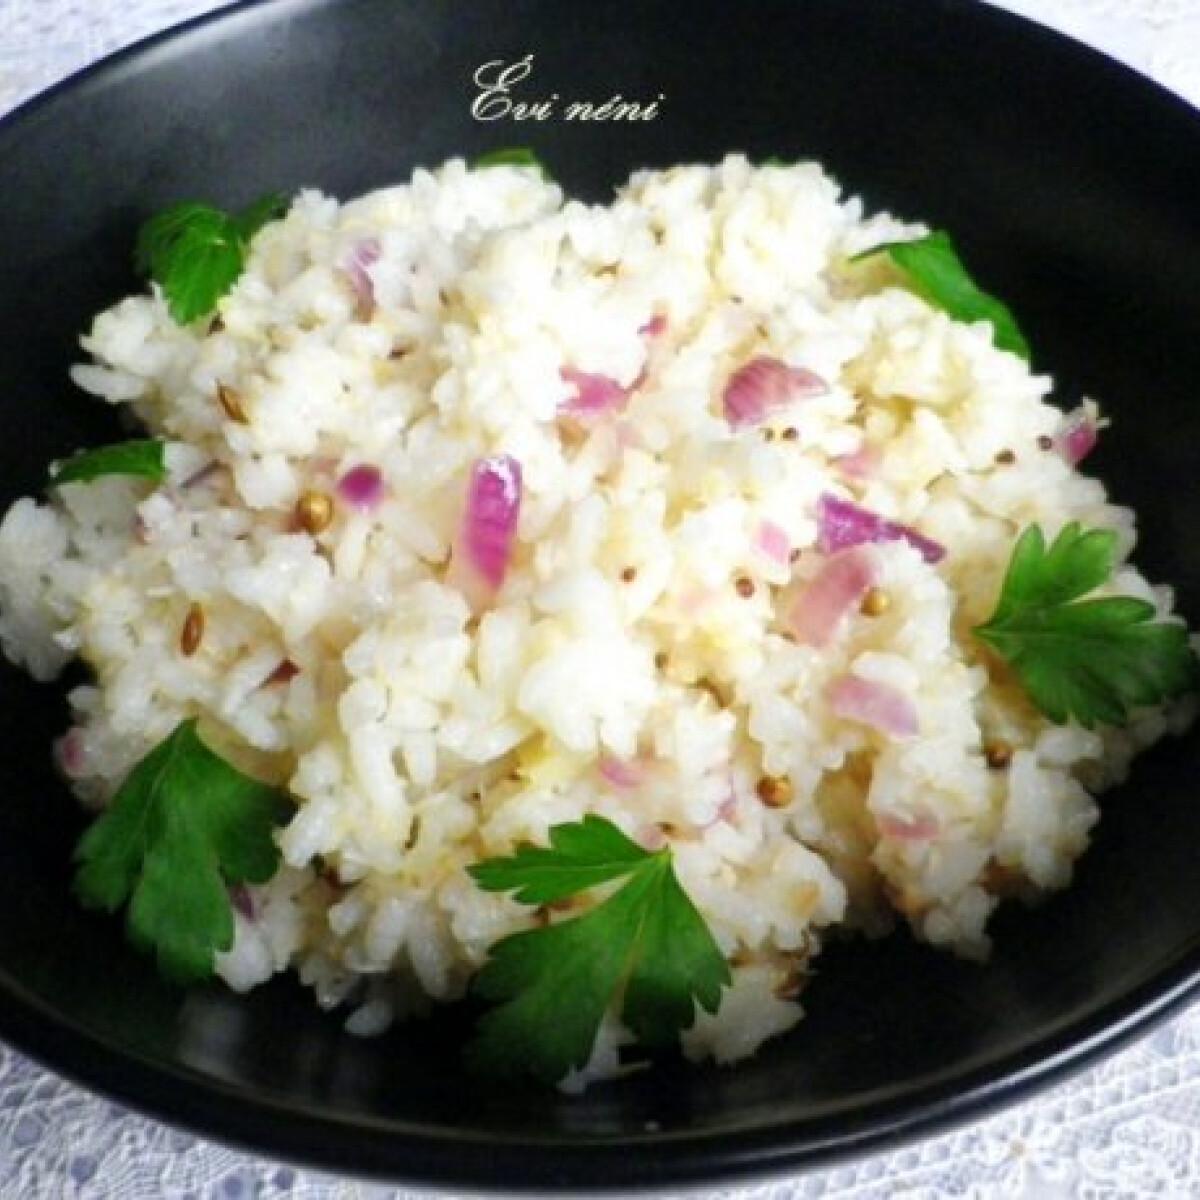 Ezen a képen: Kókuszos rizs Évi néni konyhájából